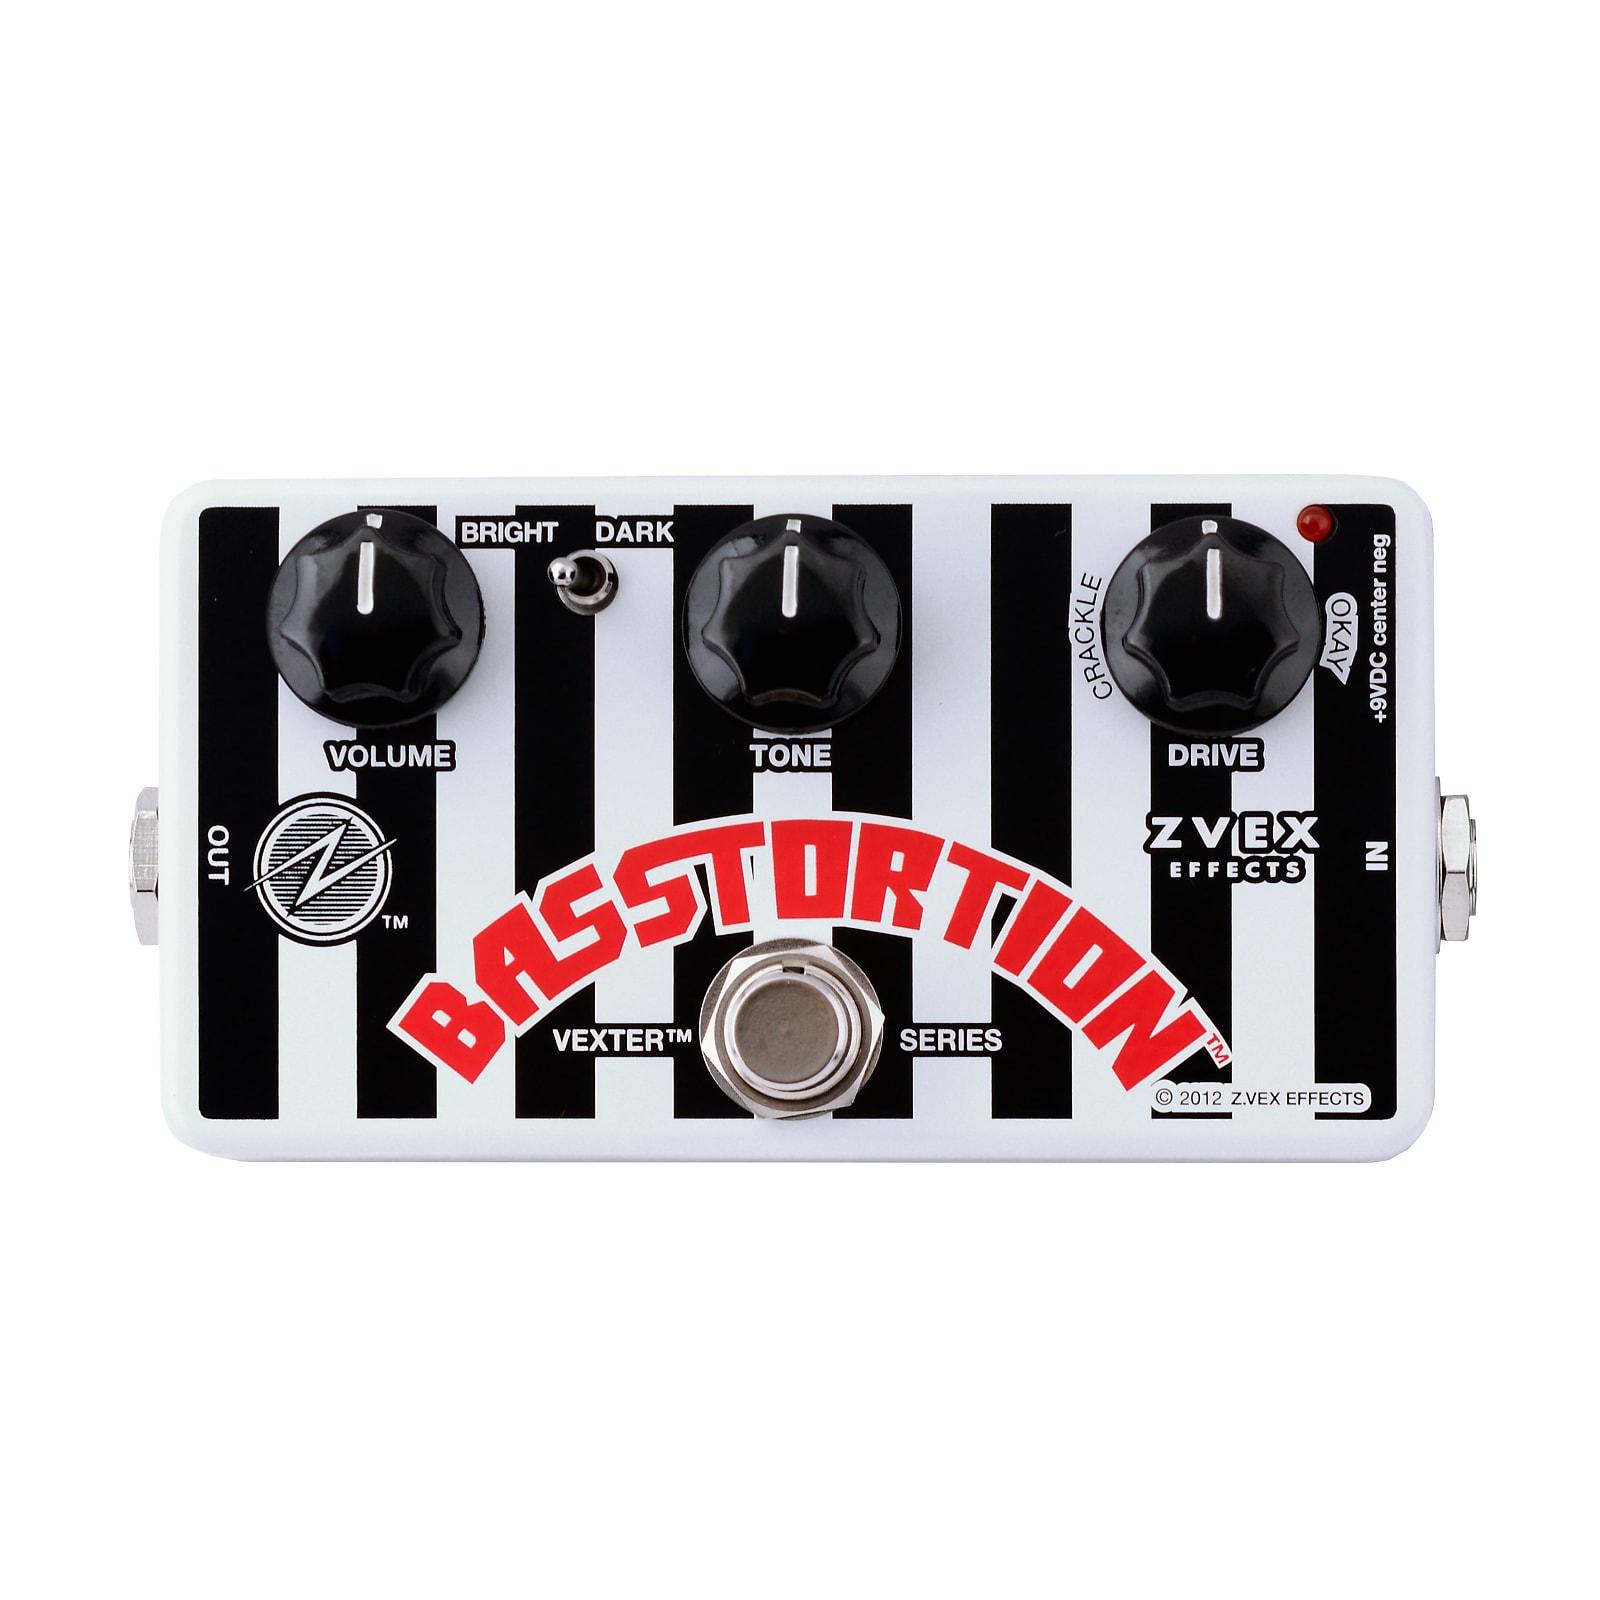 ZVEX Basstortion Vexter Series Bass Distortion Effects Pedal